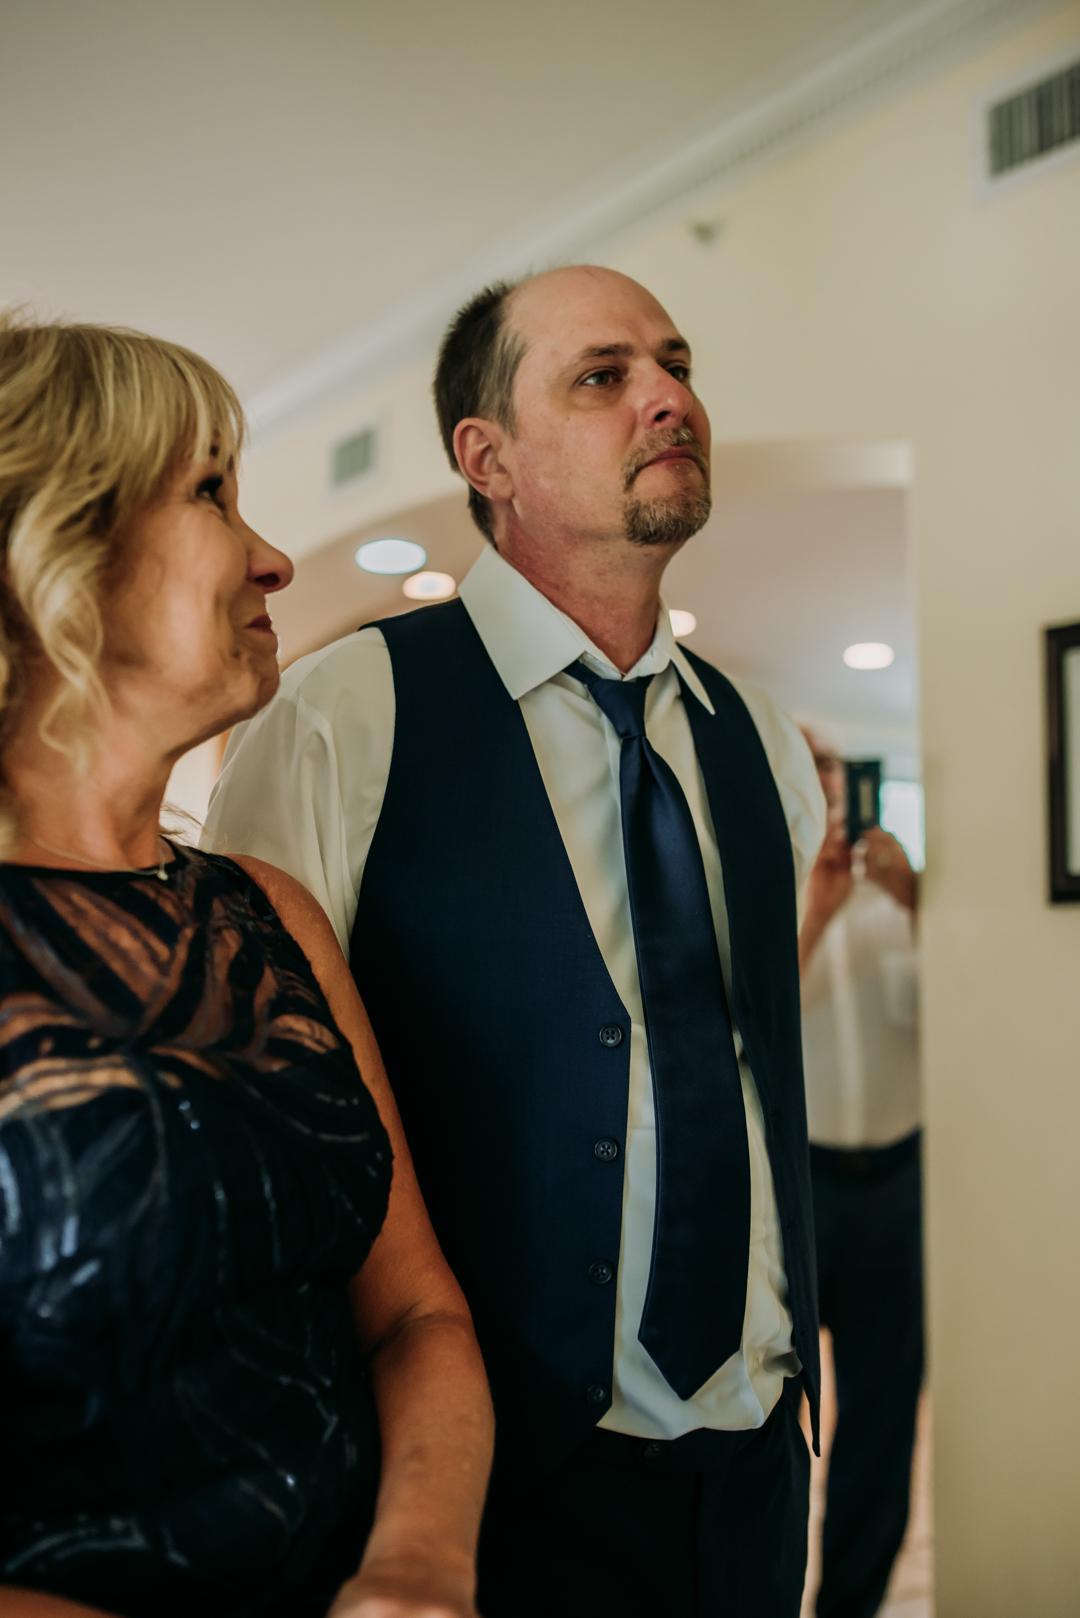 honeymoon-island-wedding-anastasia-noel-31.jpg